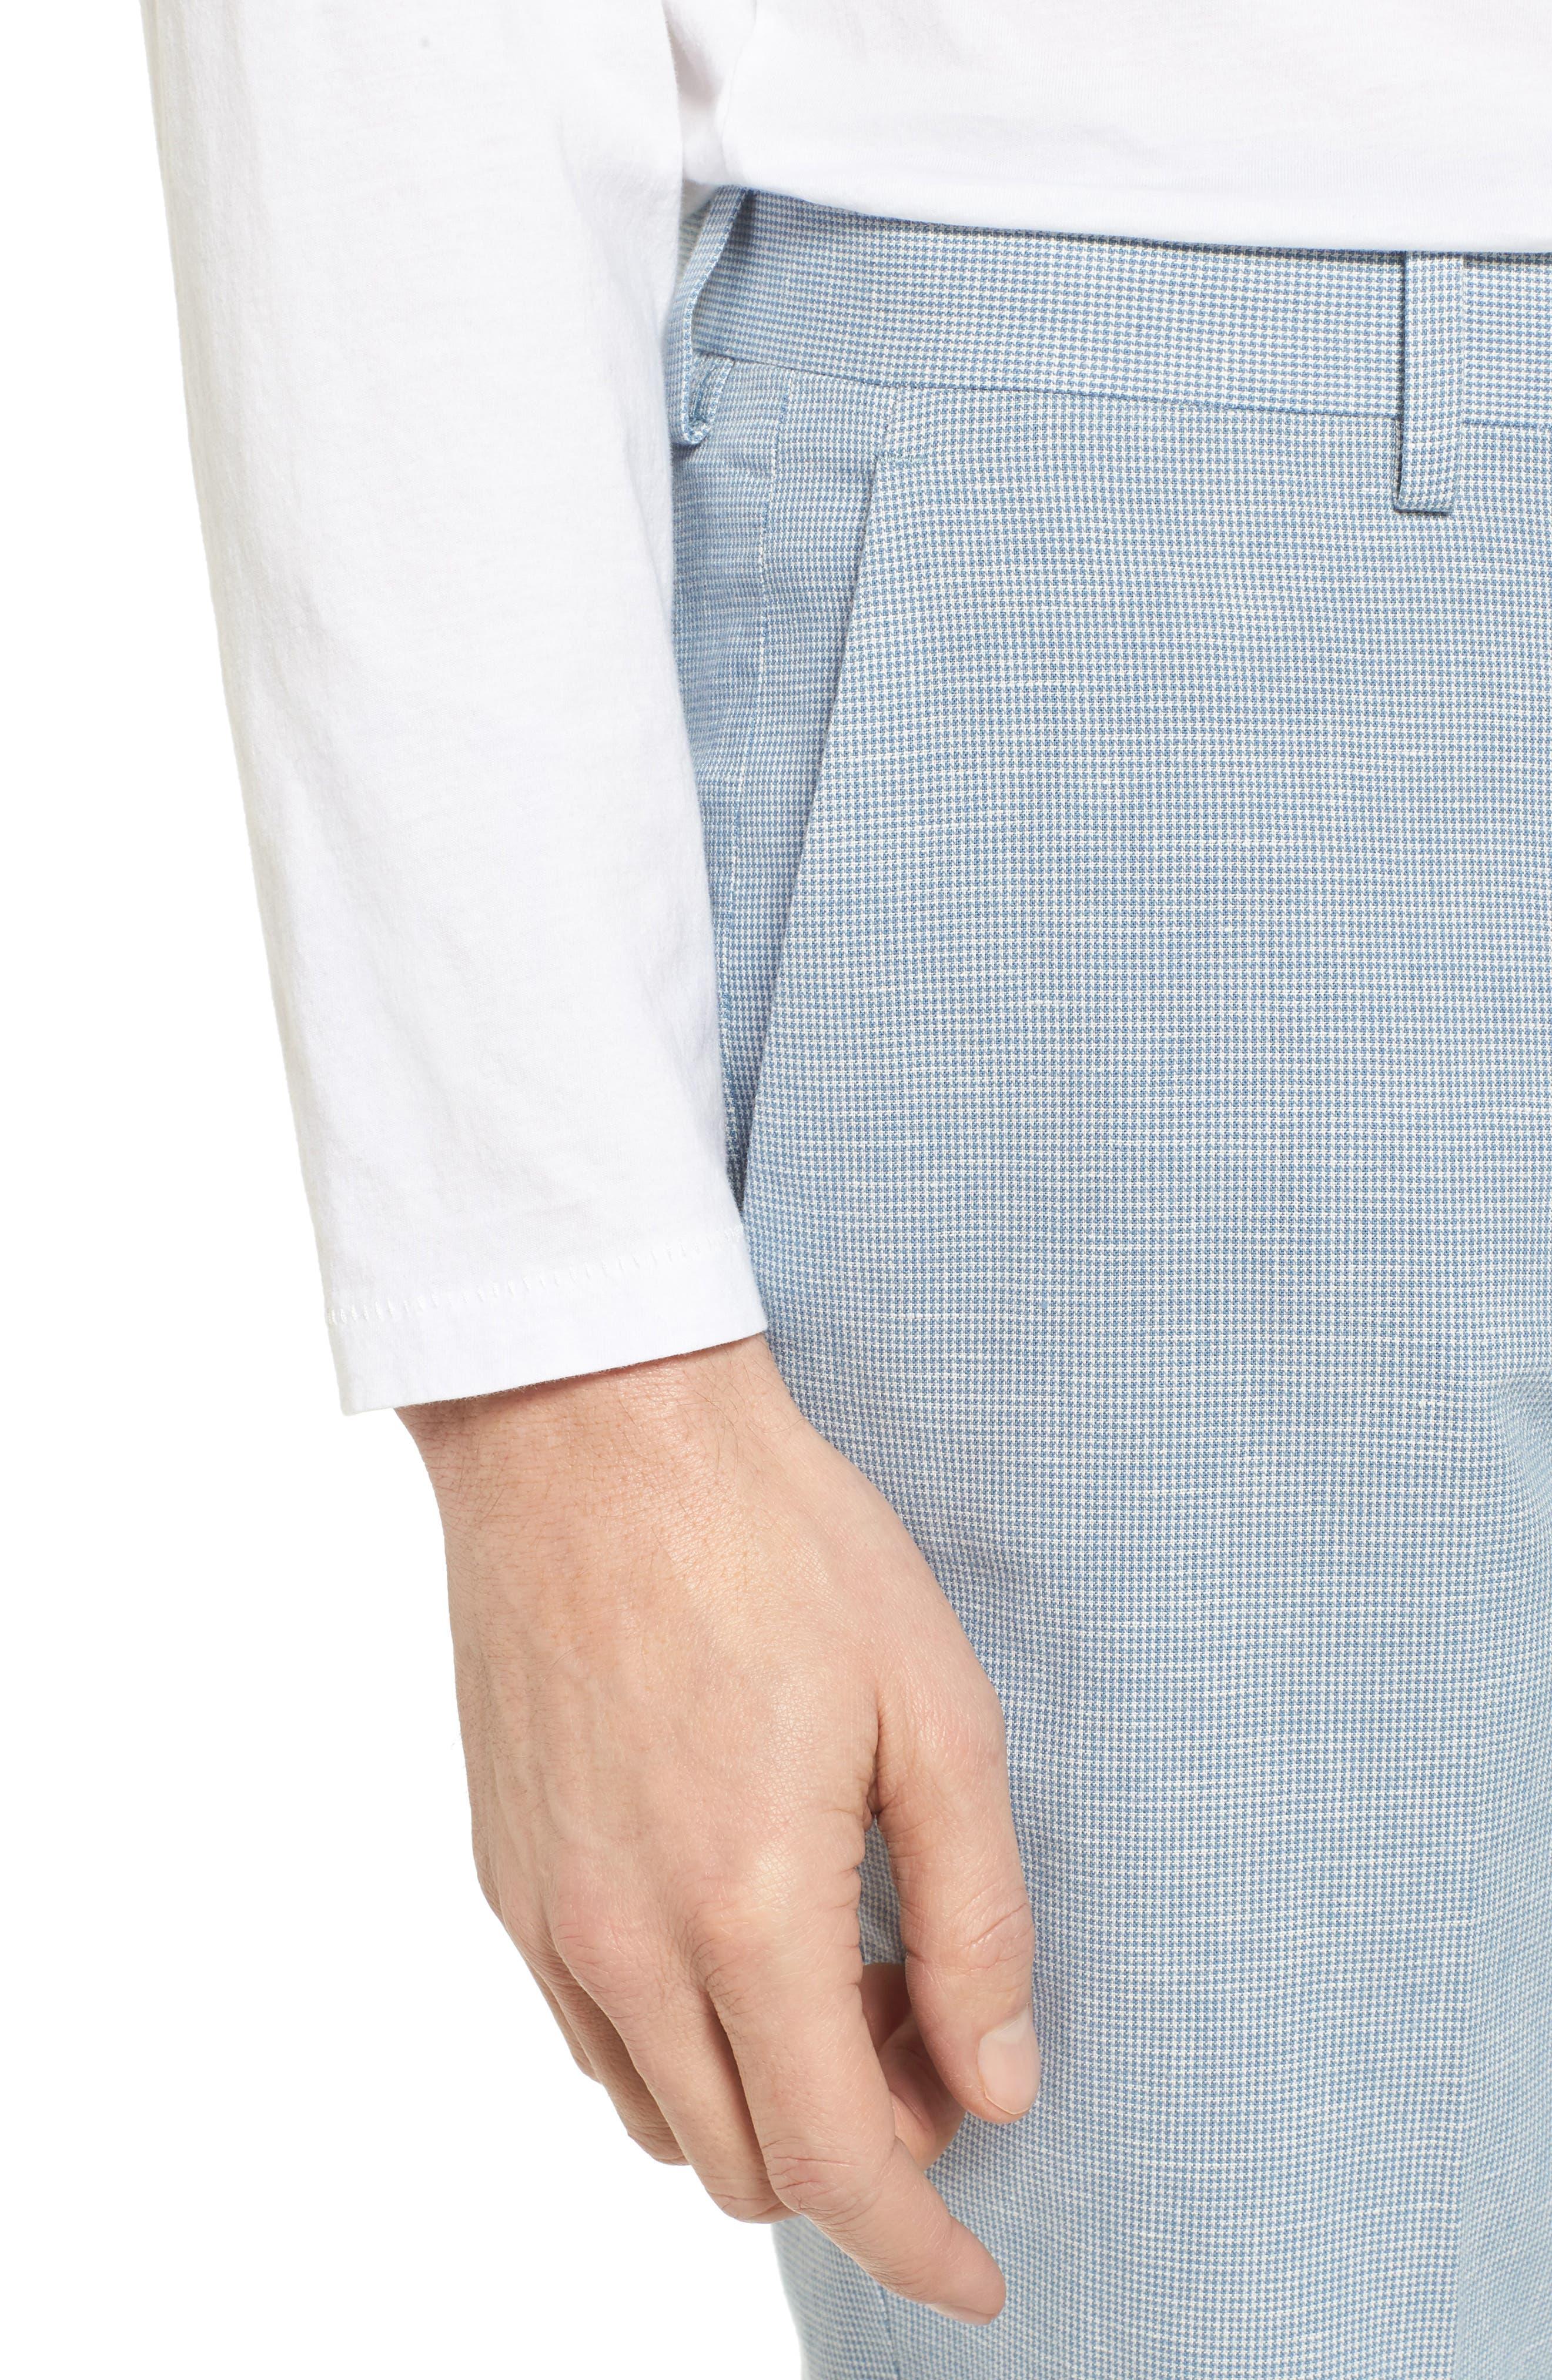 Ludlow Trim Fit Houndstooth Cotton & Linen Suit Pants,                             Alternate thumbnail 4, color,                             Light Blue